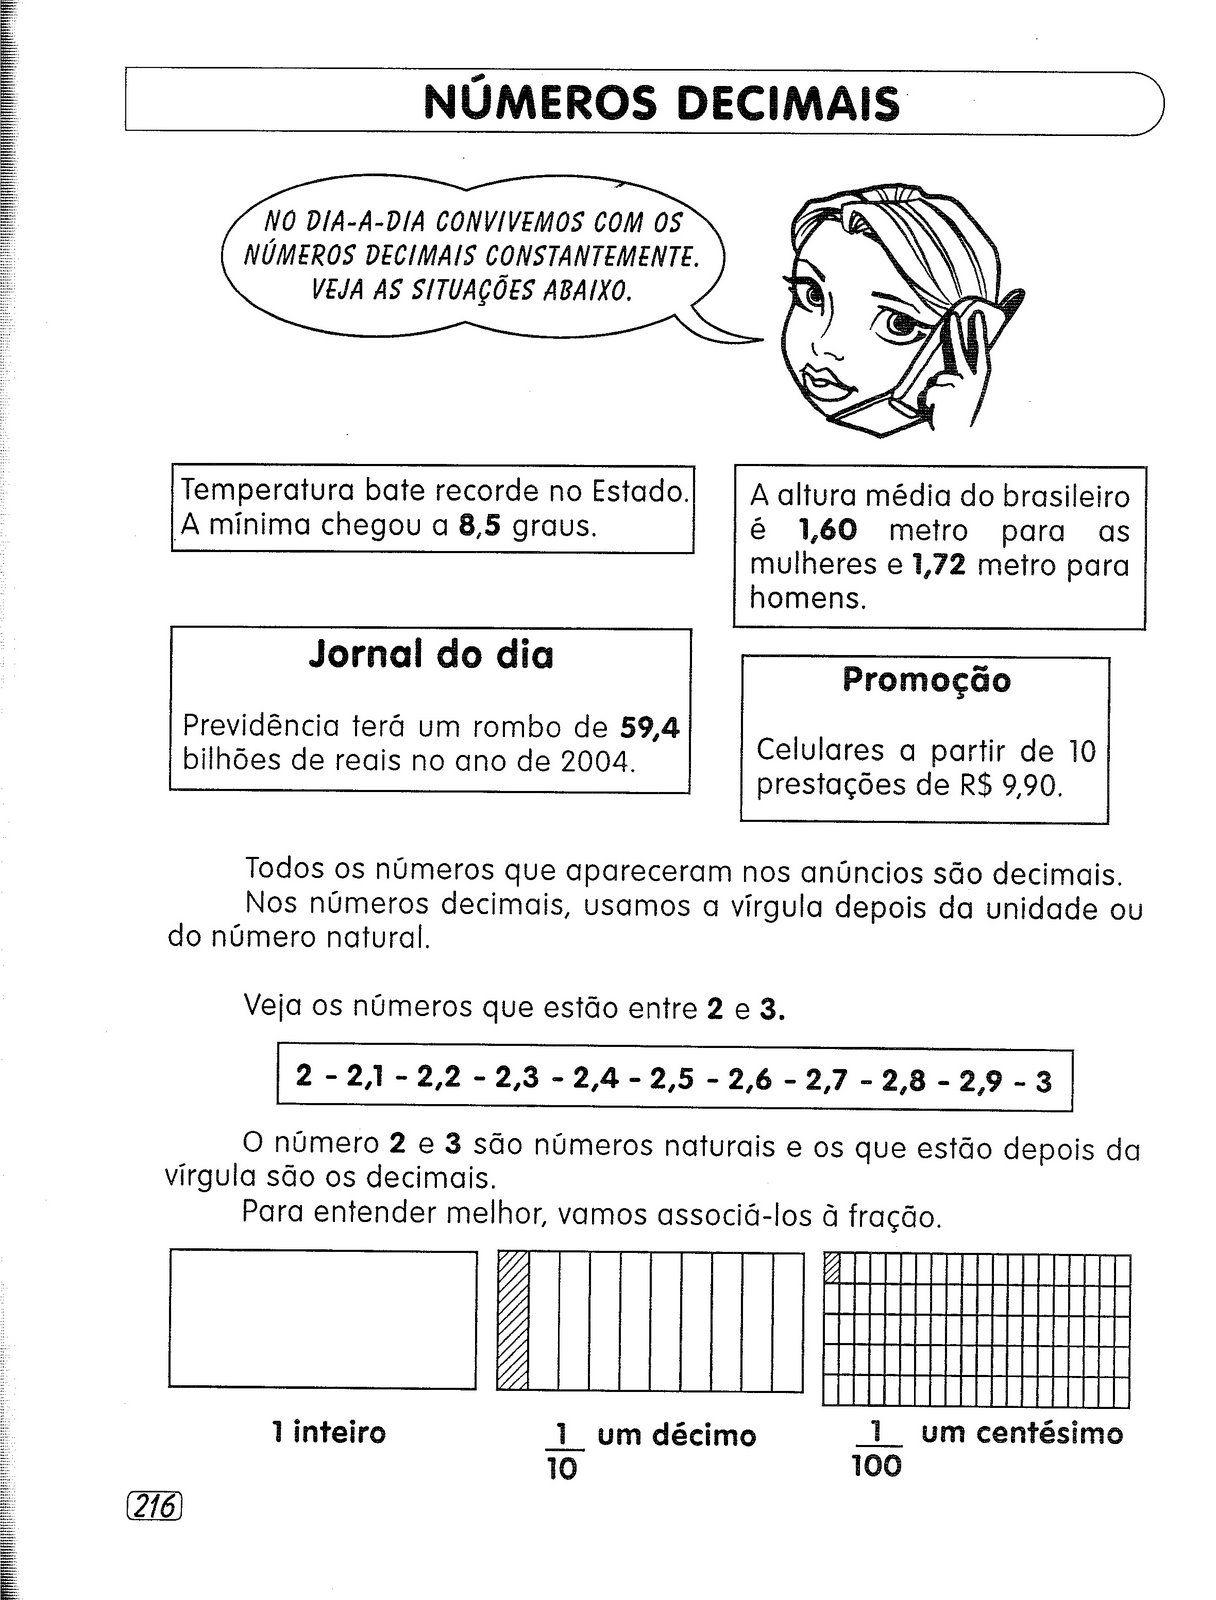 Ejalugarfeitopravoce Dia Dia Do Professor Da Eja 3 Atividades Com Numeros Decimais Atividades De Matematica 3ano Atividades De Ensino